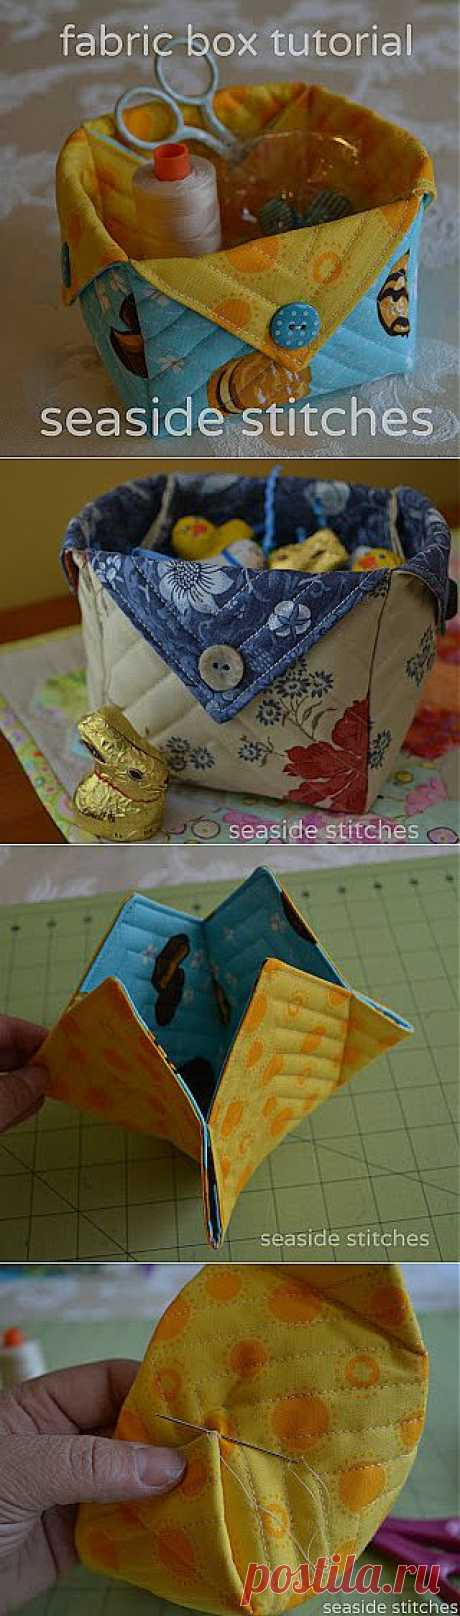 Коробочка для хранения ниток удобная вещь для хозяек.).